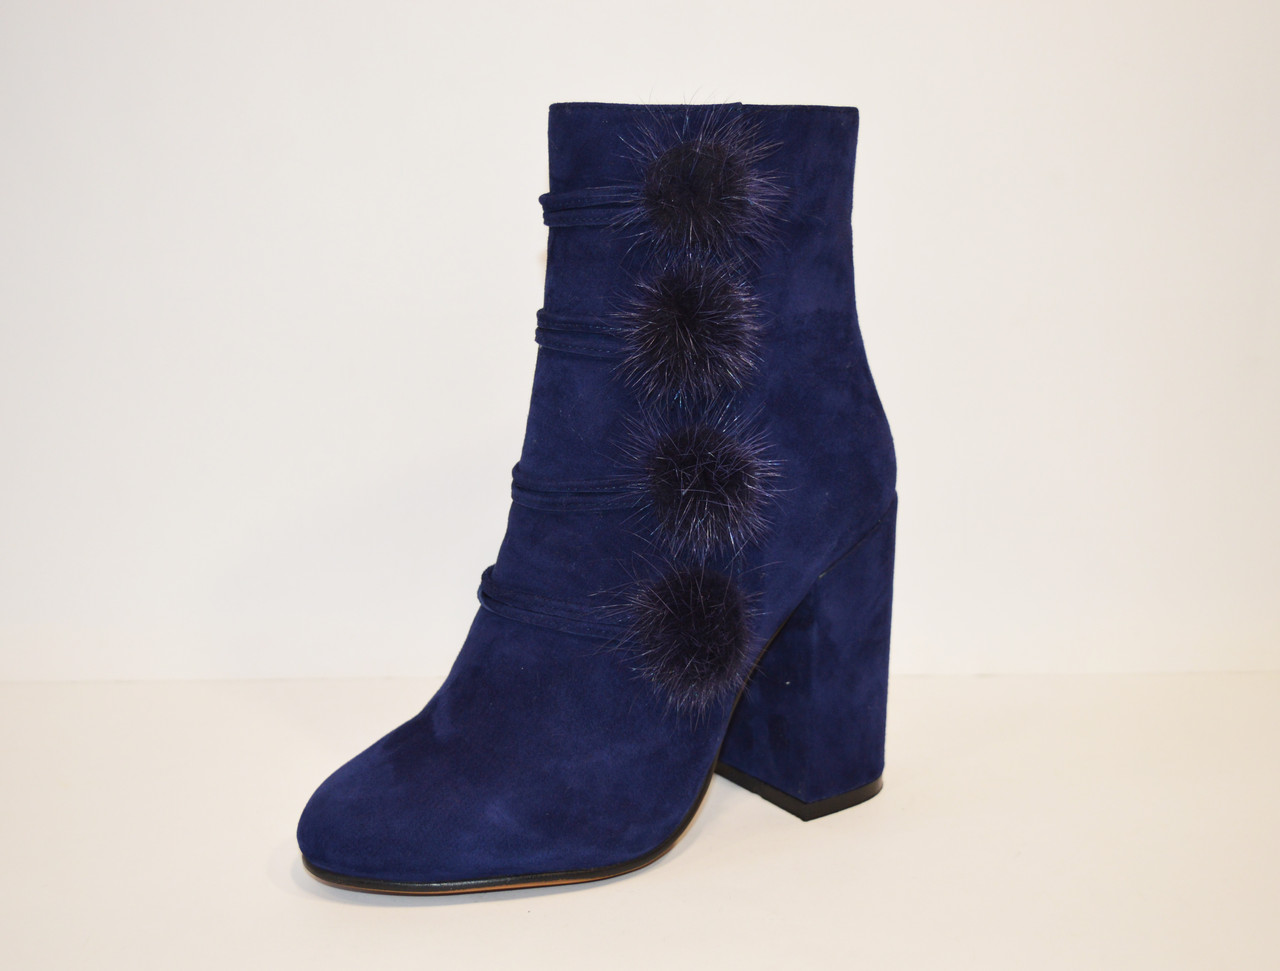 Ботинки женские замшевые синие Veritas 1728